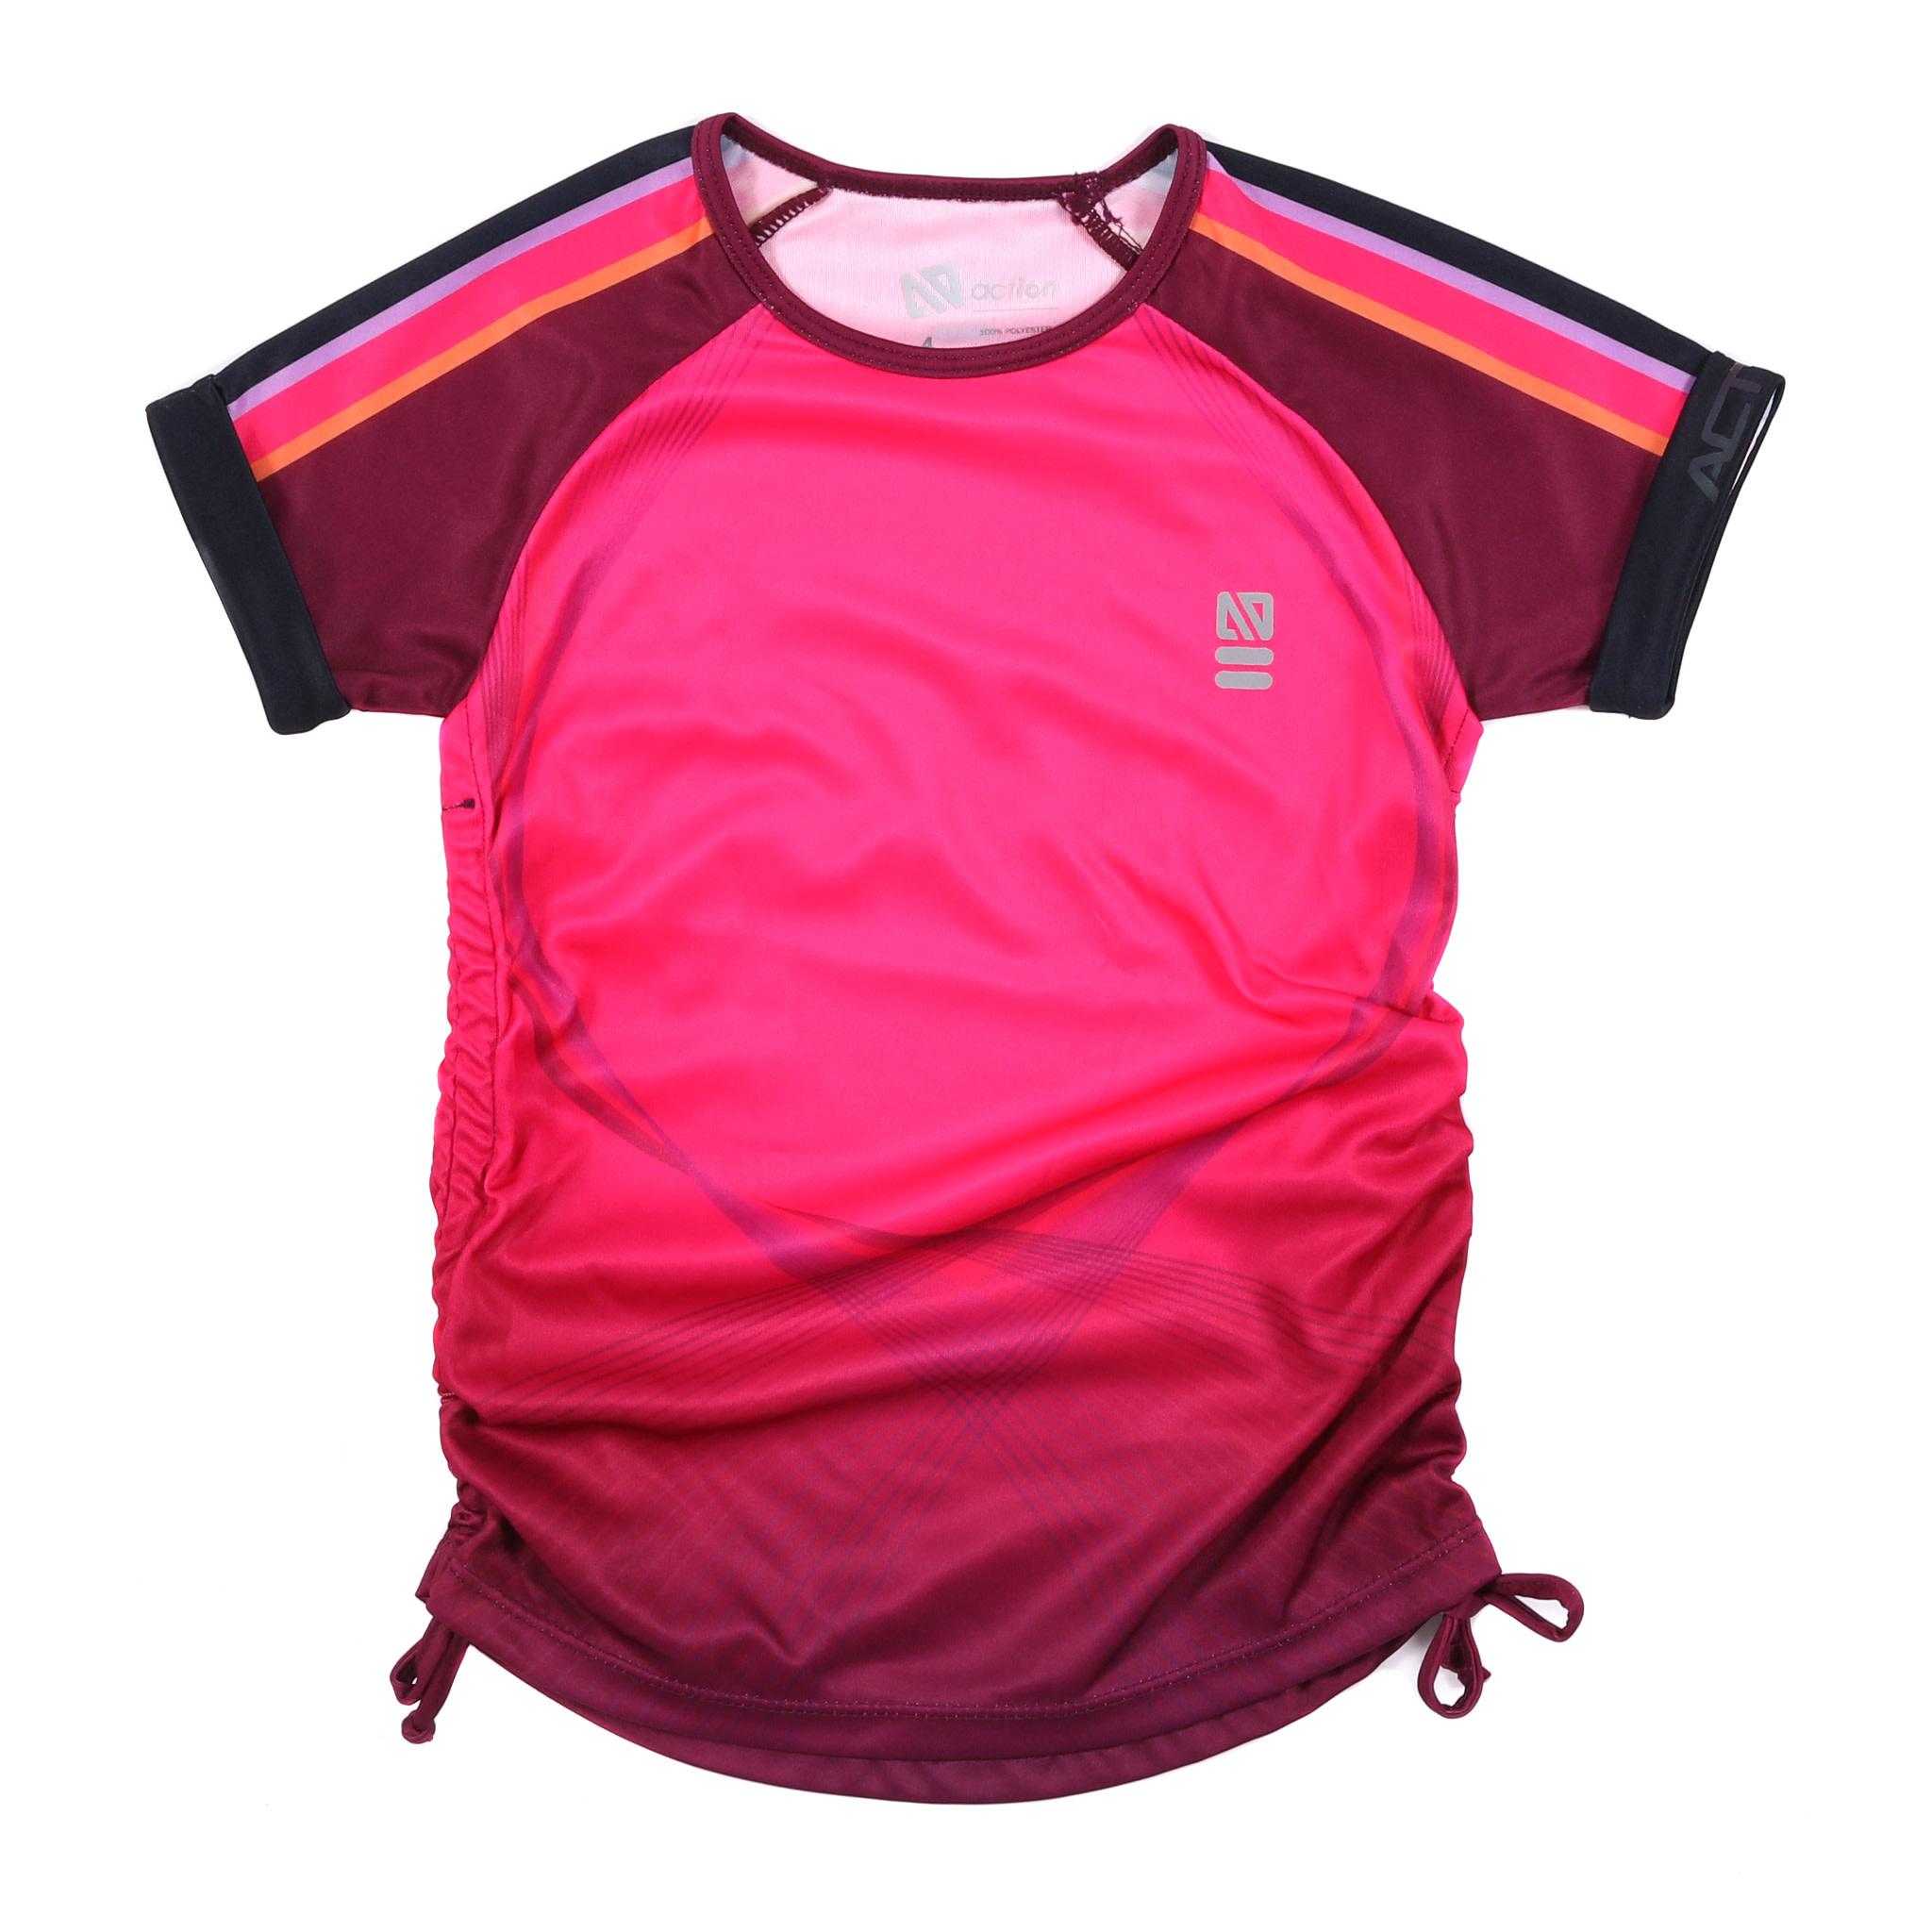 T-shirt athlétique - Sport et Chic-1